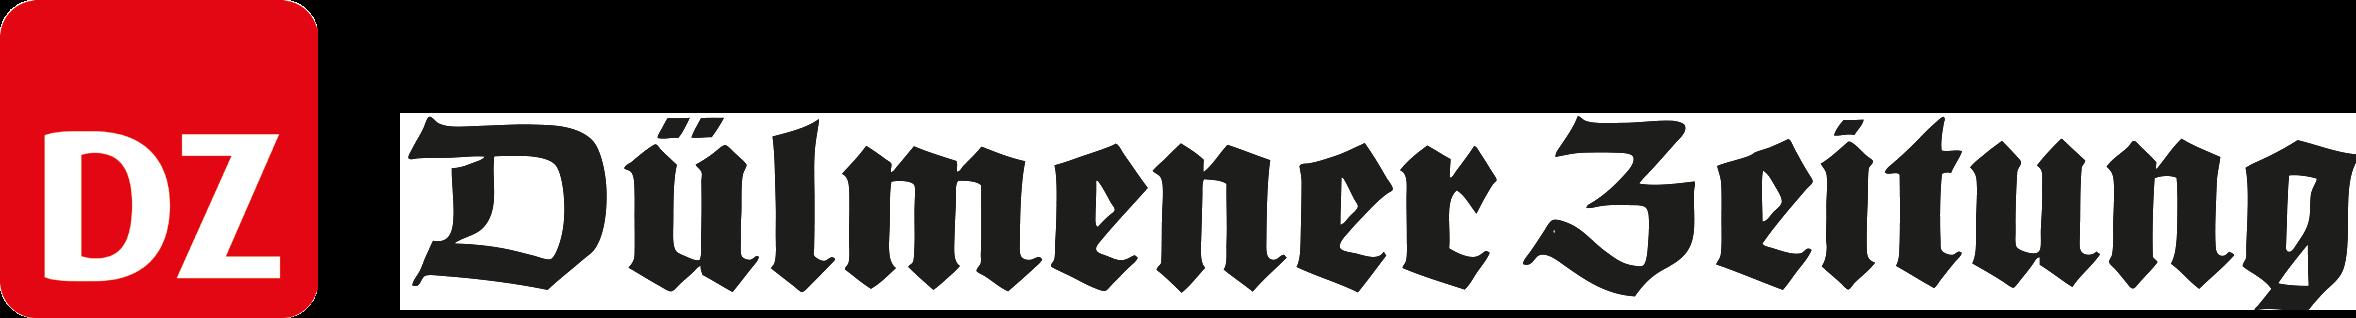 Logo von Dülmener Zeitung